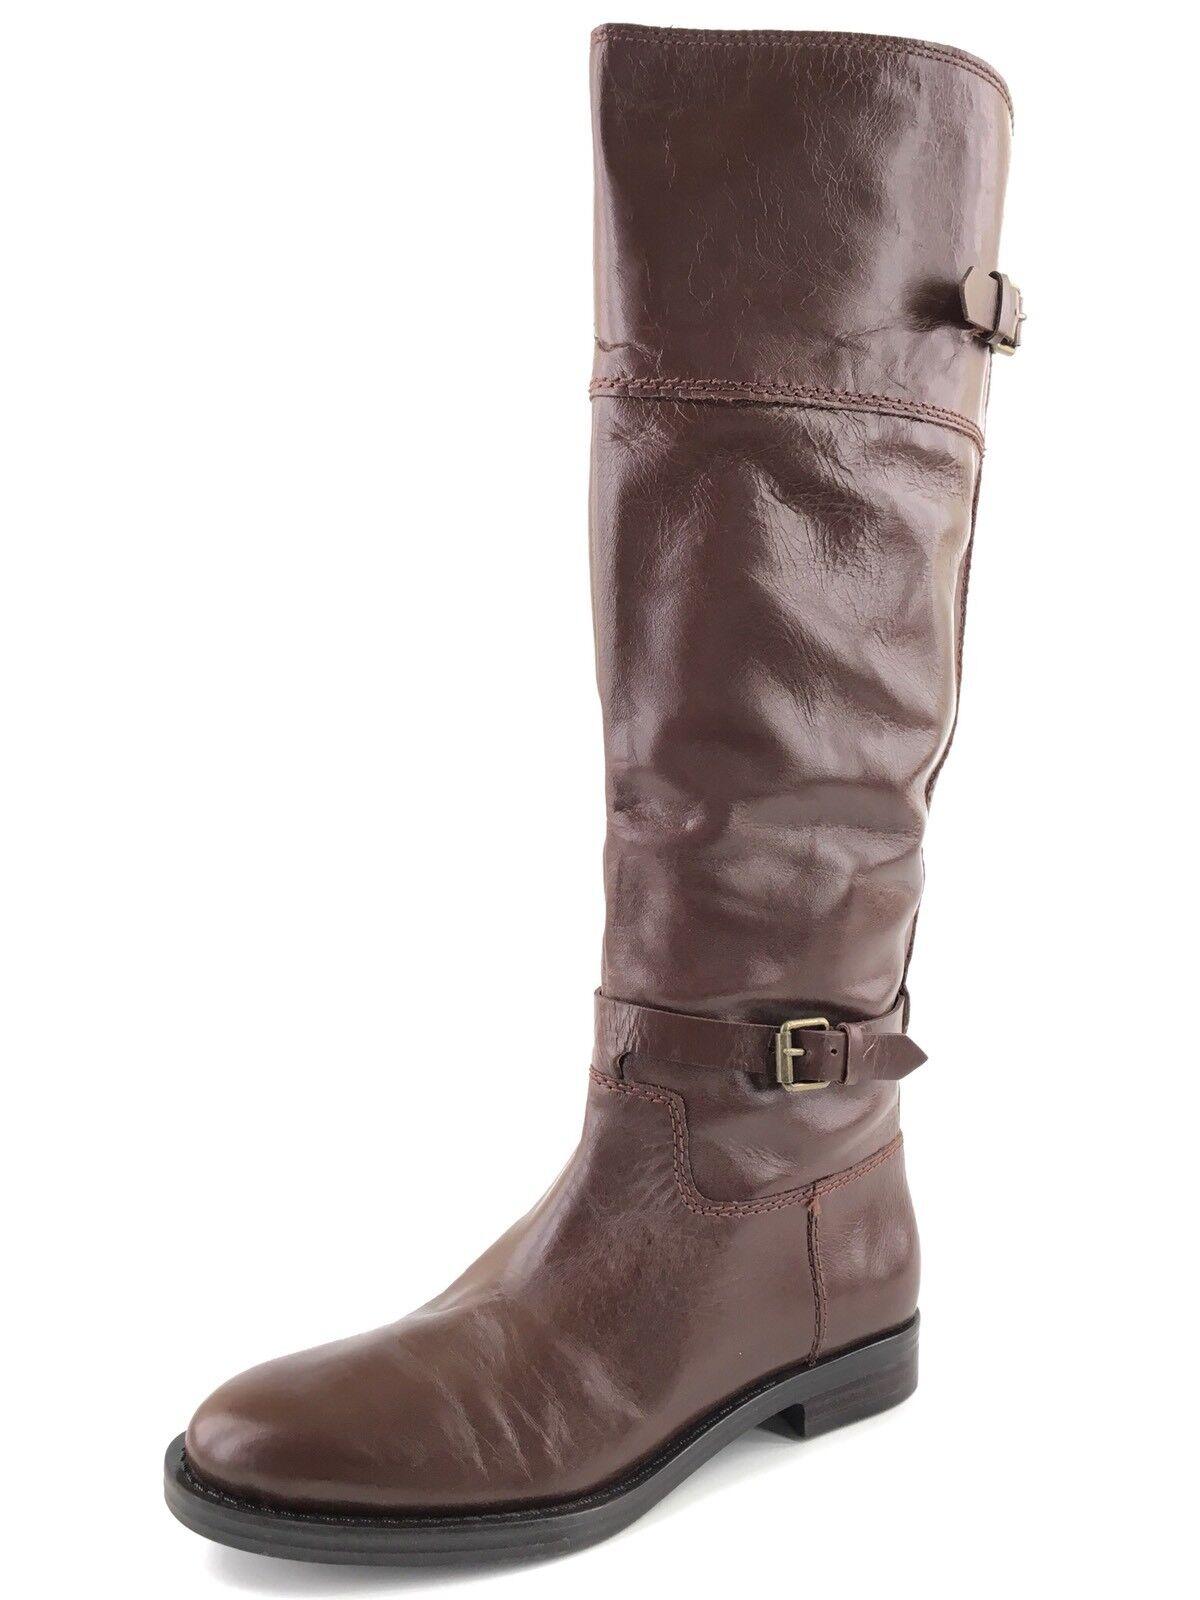 risparmia fino al 70% New Enzo Enzo Enzo Angiolini Eero Marrone Leather Knee High stivali donna's Dimensione 5.5 M ^  risposta prima volta